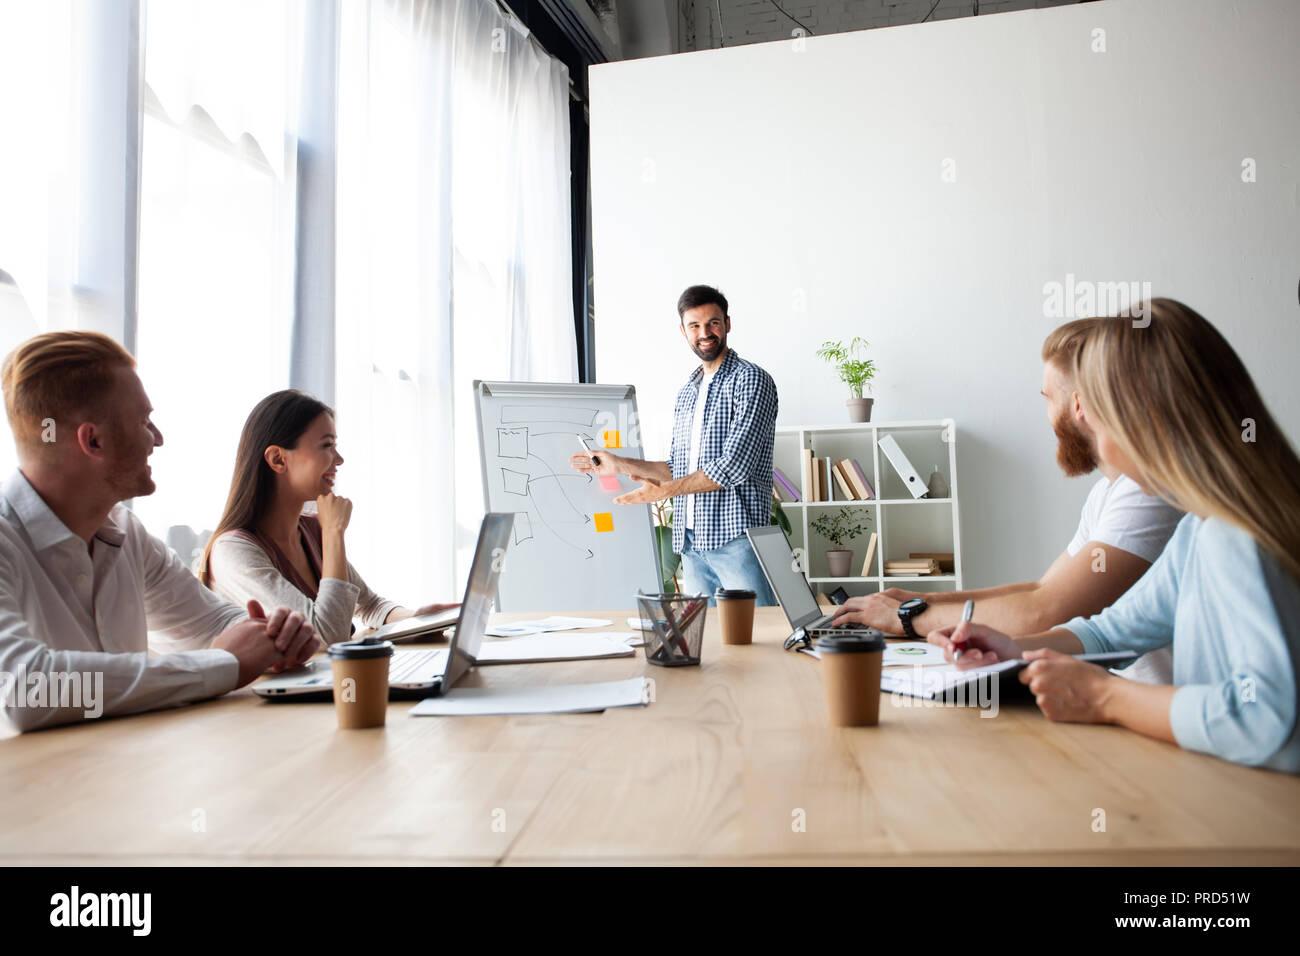 Die besten Ergebnisse zusammen. Moderne junge Mann die Durchführung einer Business Präsentation, während im Raum stehen. Stockbild